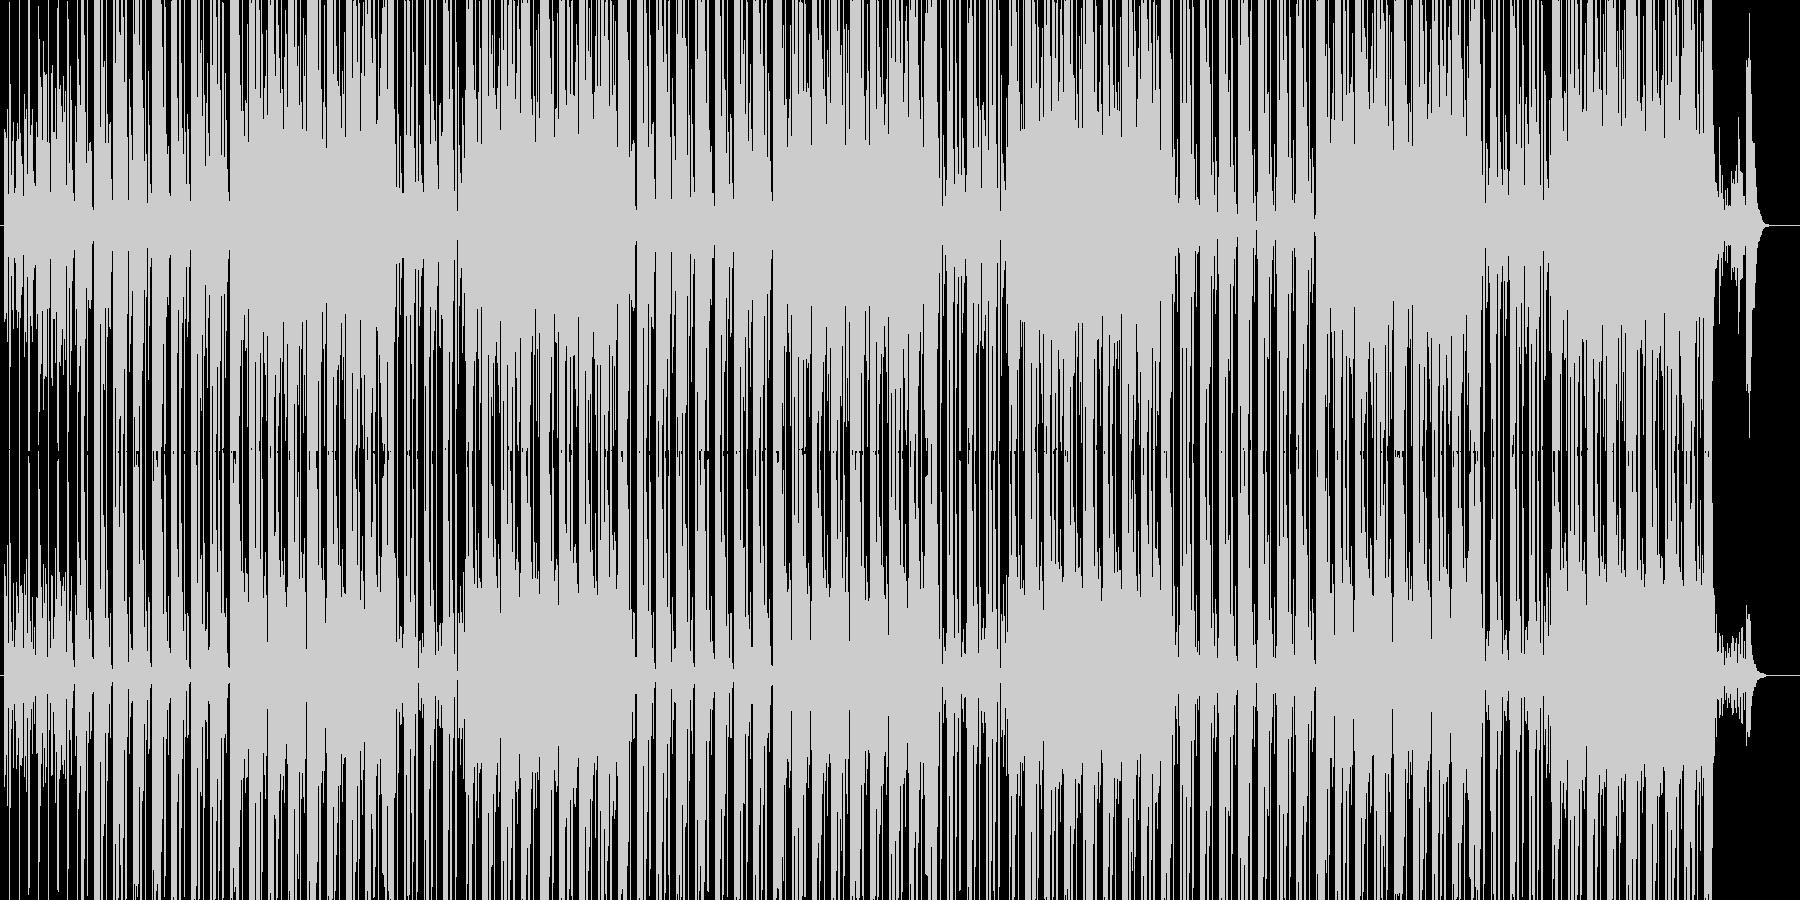 個性的なHIPHOPビートの未再生の波形